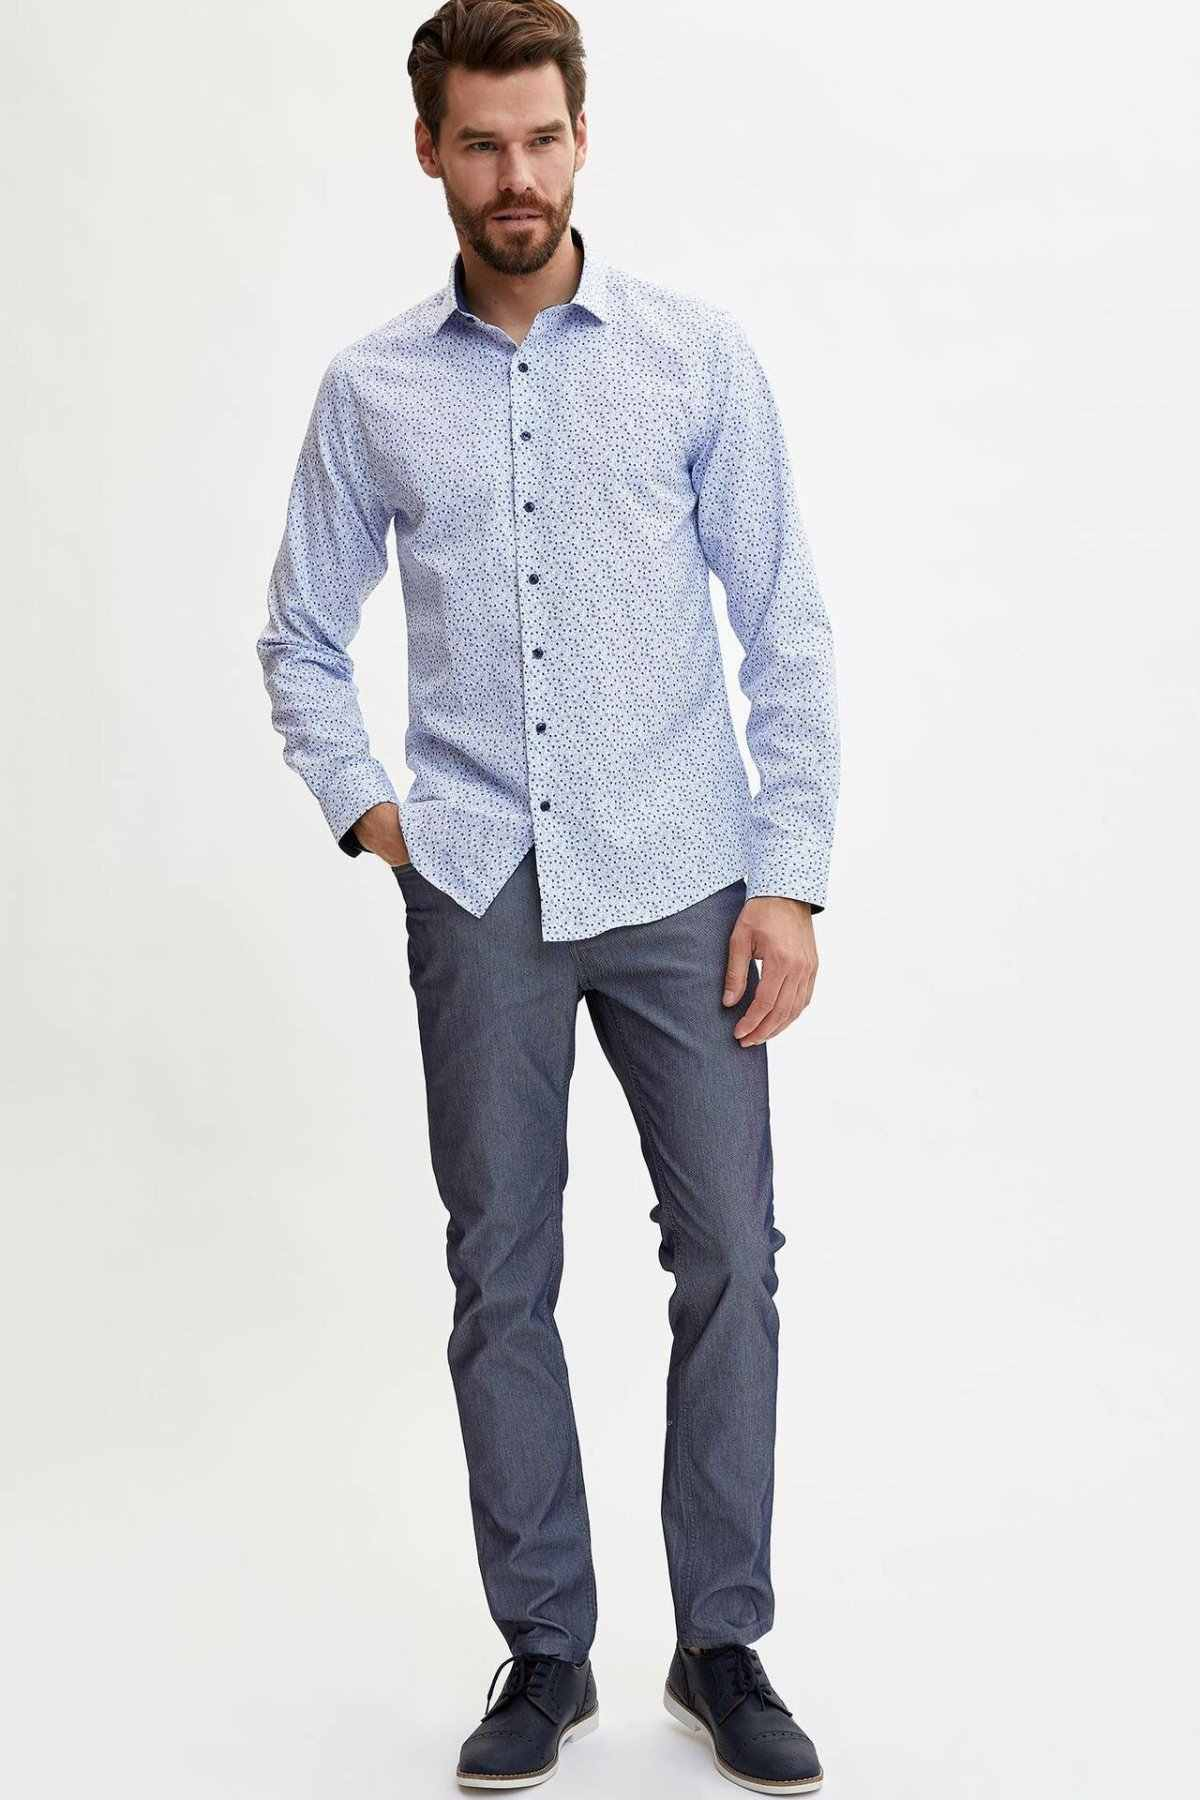 DeFacto גברים אופנה הדפסת דפוס חולצות ארוך שרוול חולצות Mens מזדמן דש צווארון מקרית חולצות החדש-L5901AZ19AU